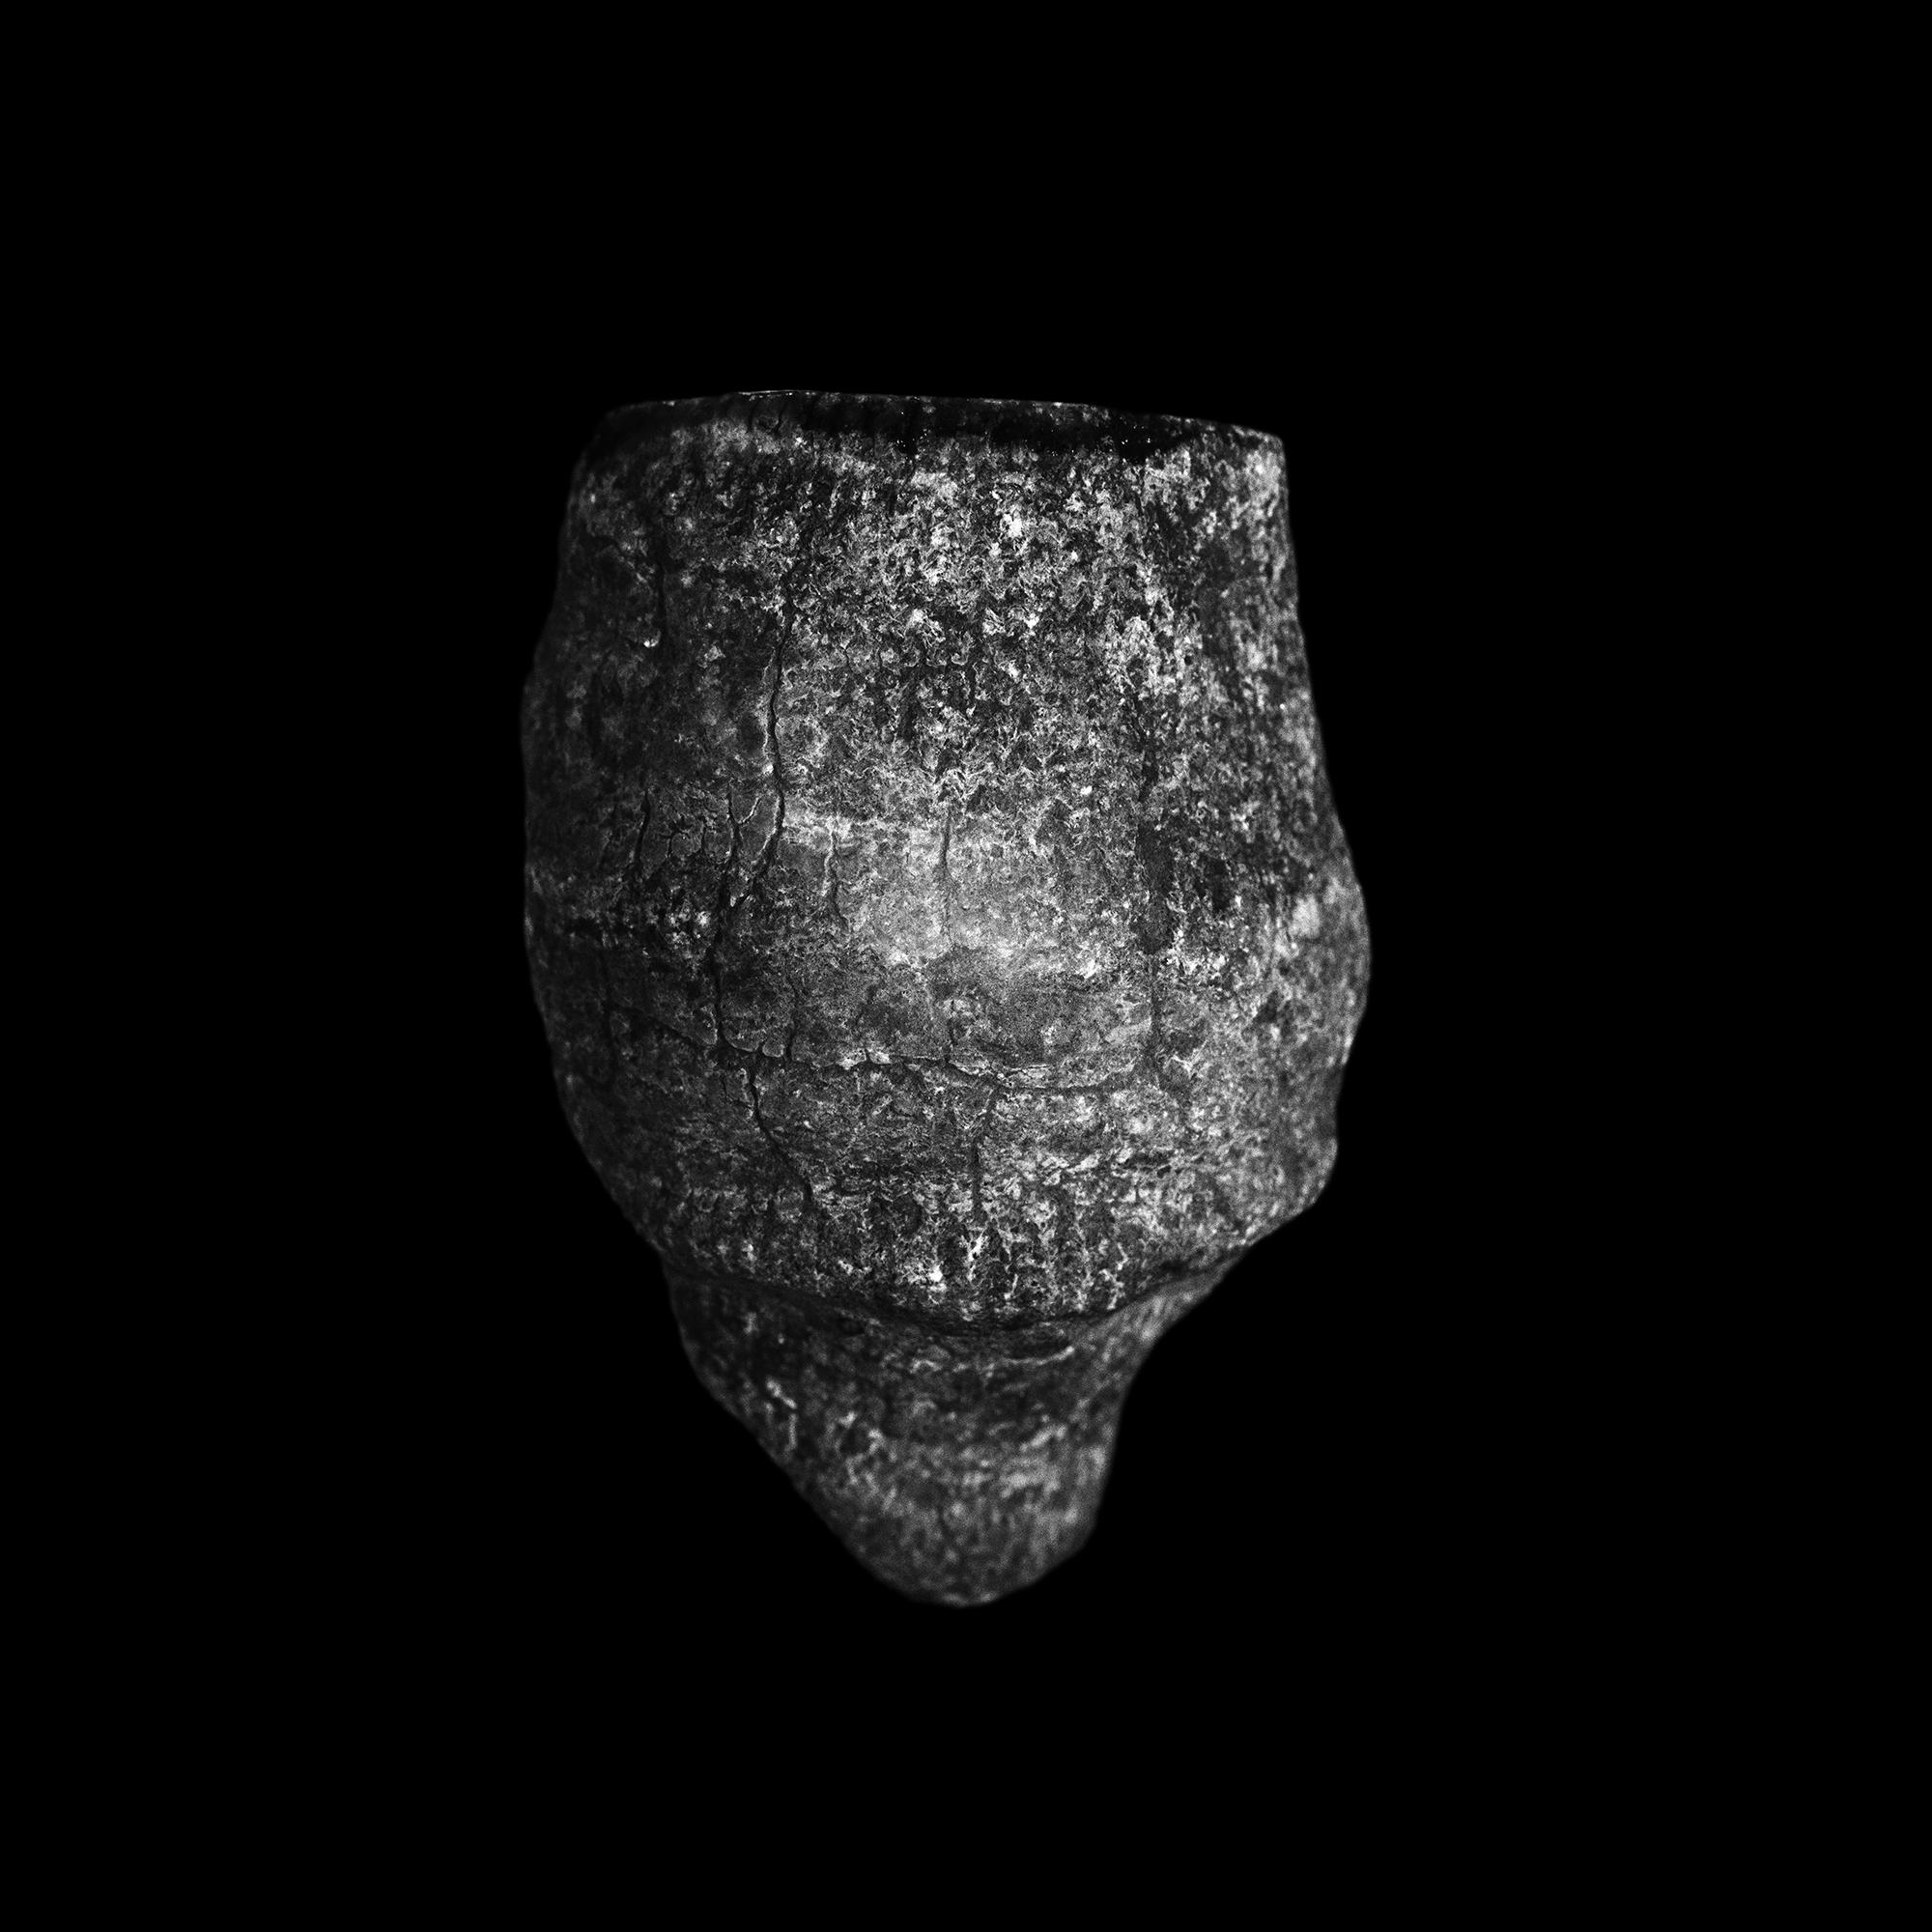 FU Fossils_31_02.jpg